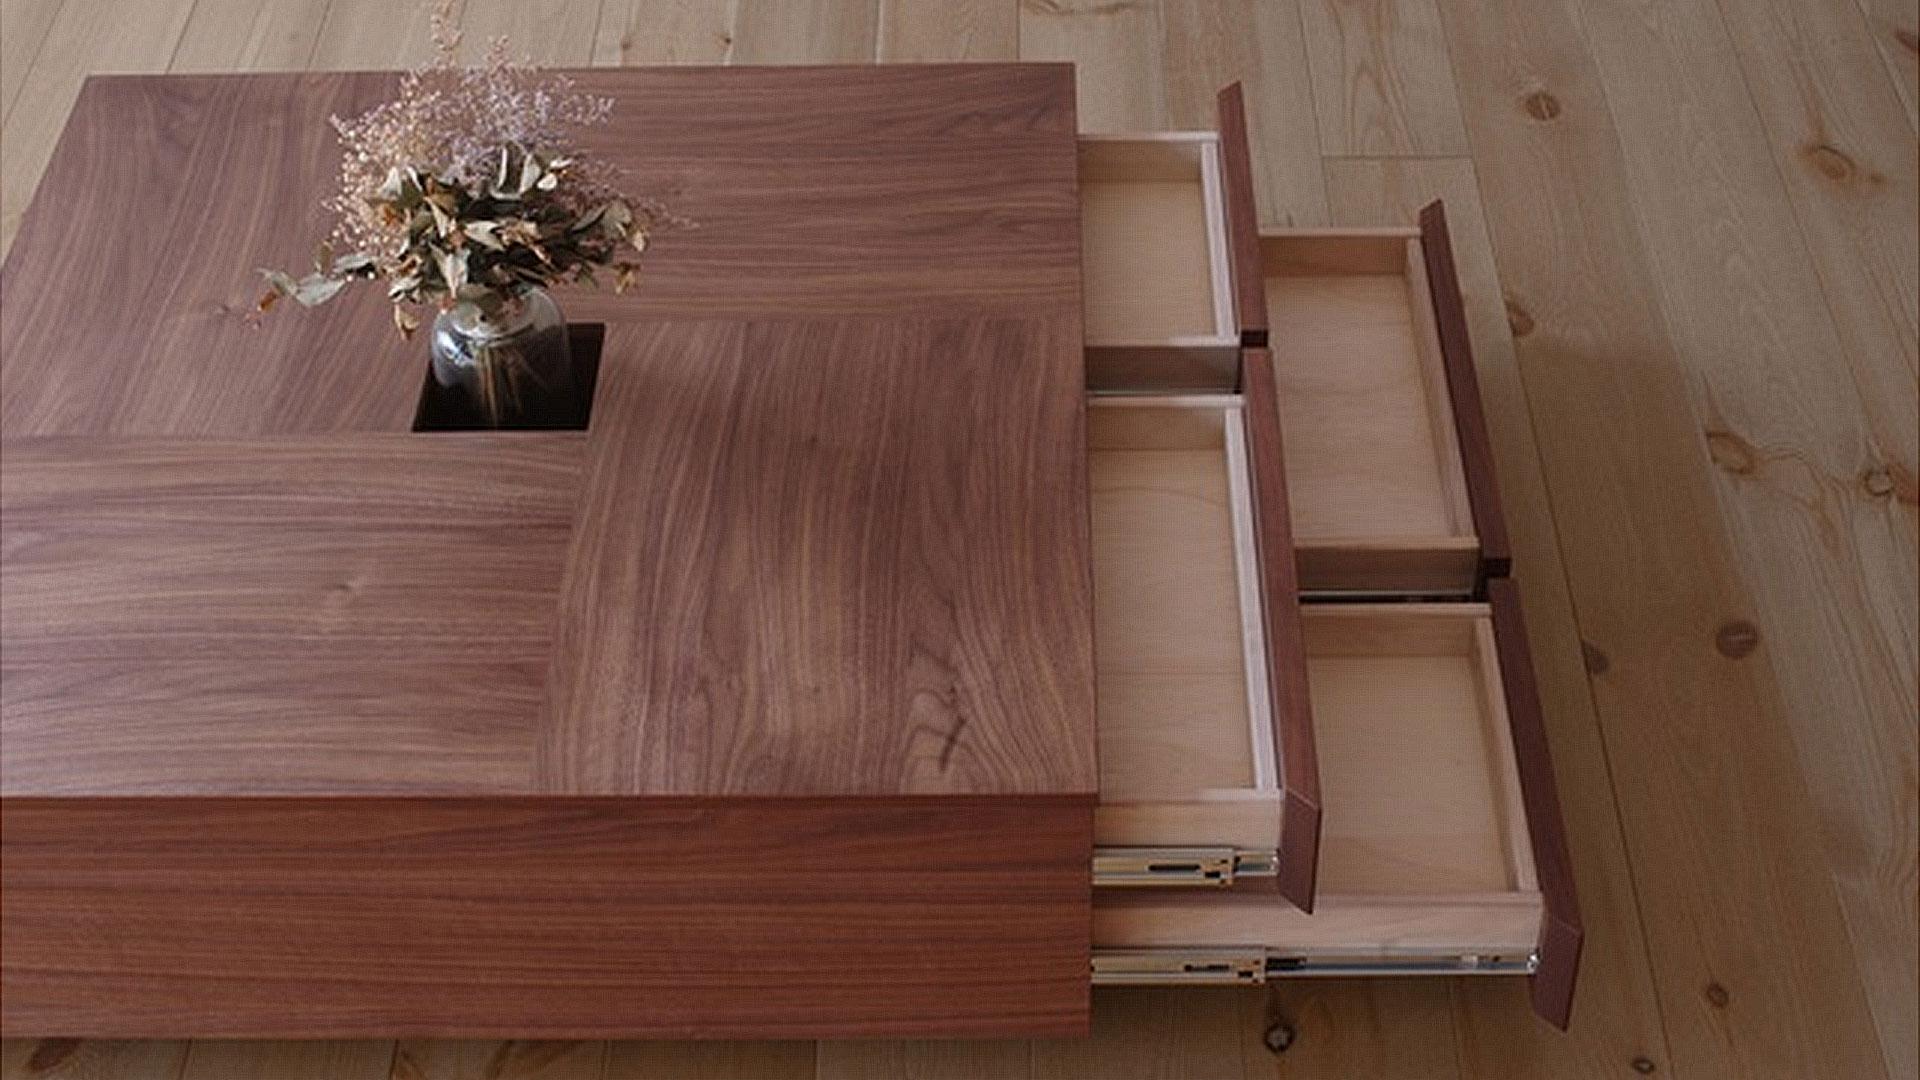 関家具のセンターテーブルのアトリの上から引き出しを出した状態の画像